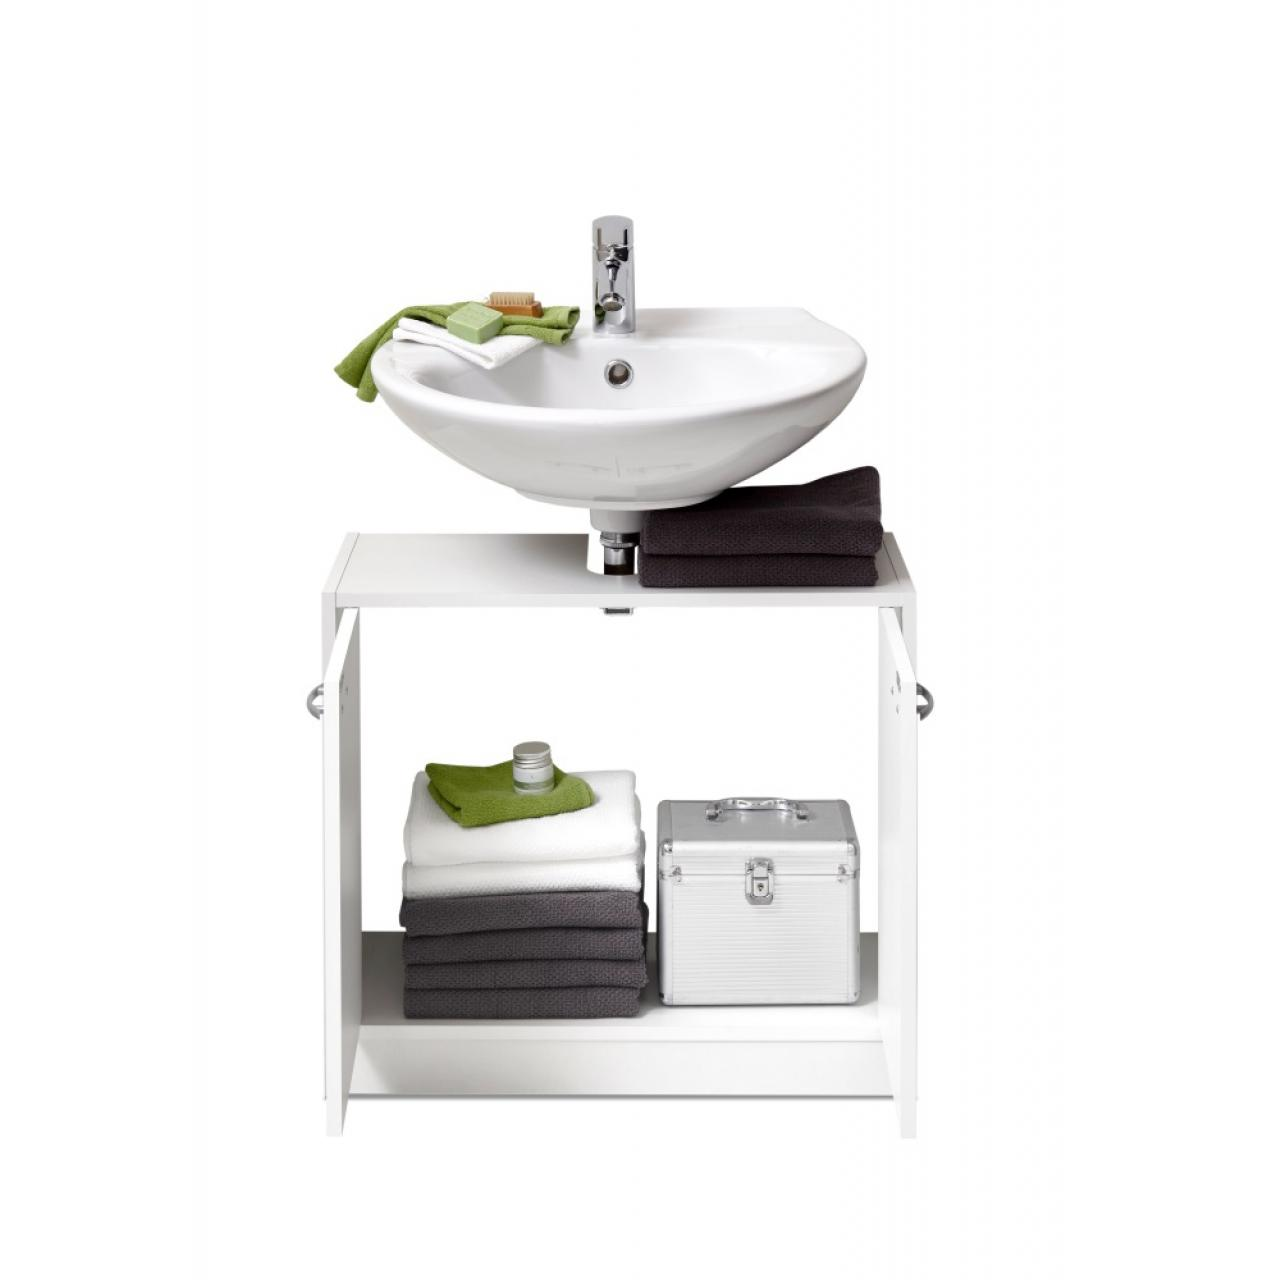 Waschbeckenunterschrank Marbella Badmöbel weiß